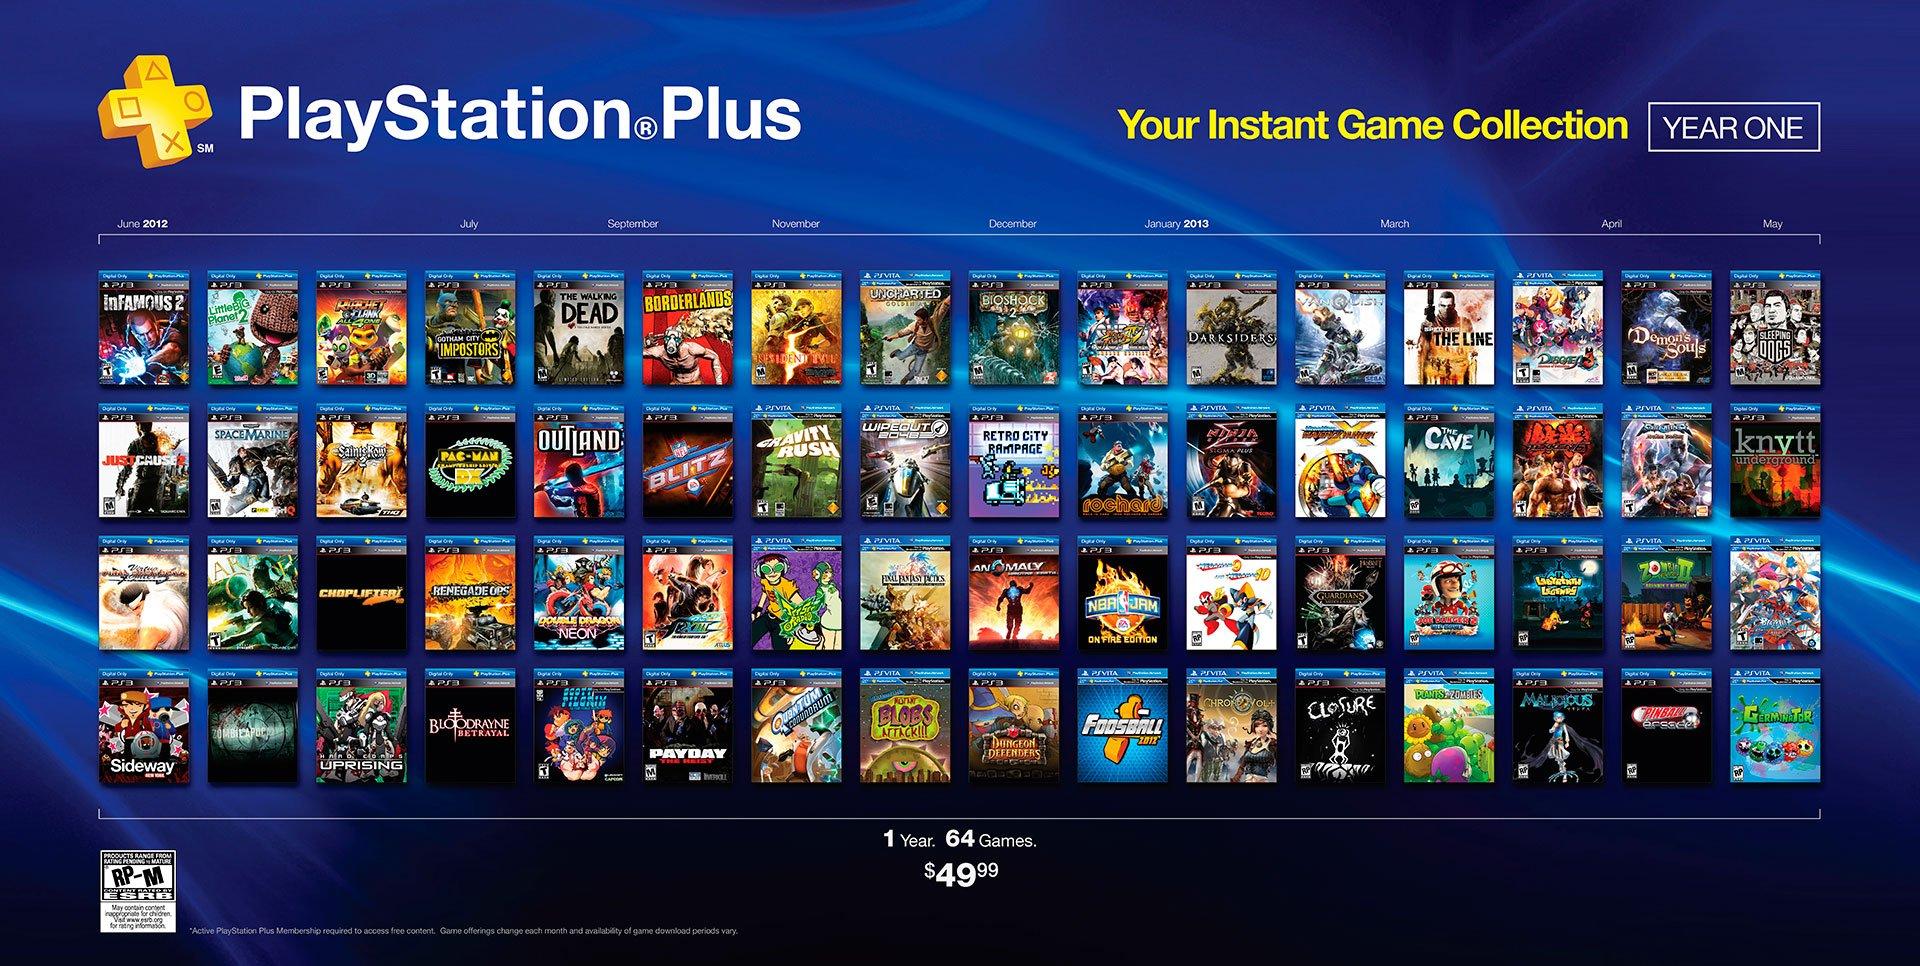 За что Xbox One получила ярлык плохой платформы  - Изображение 2